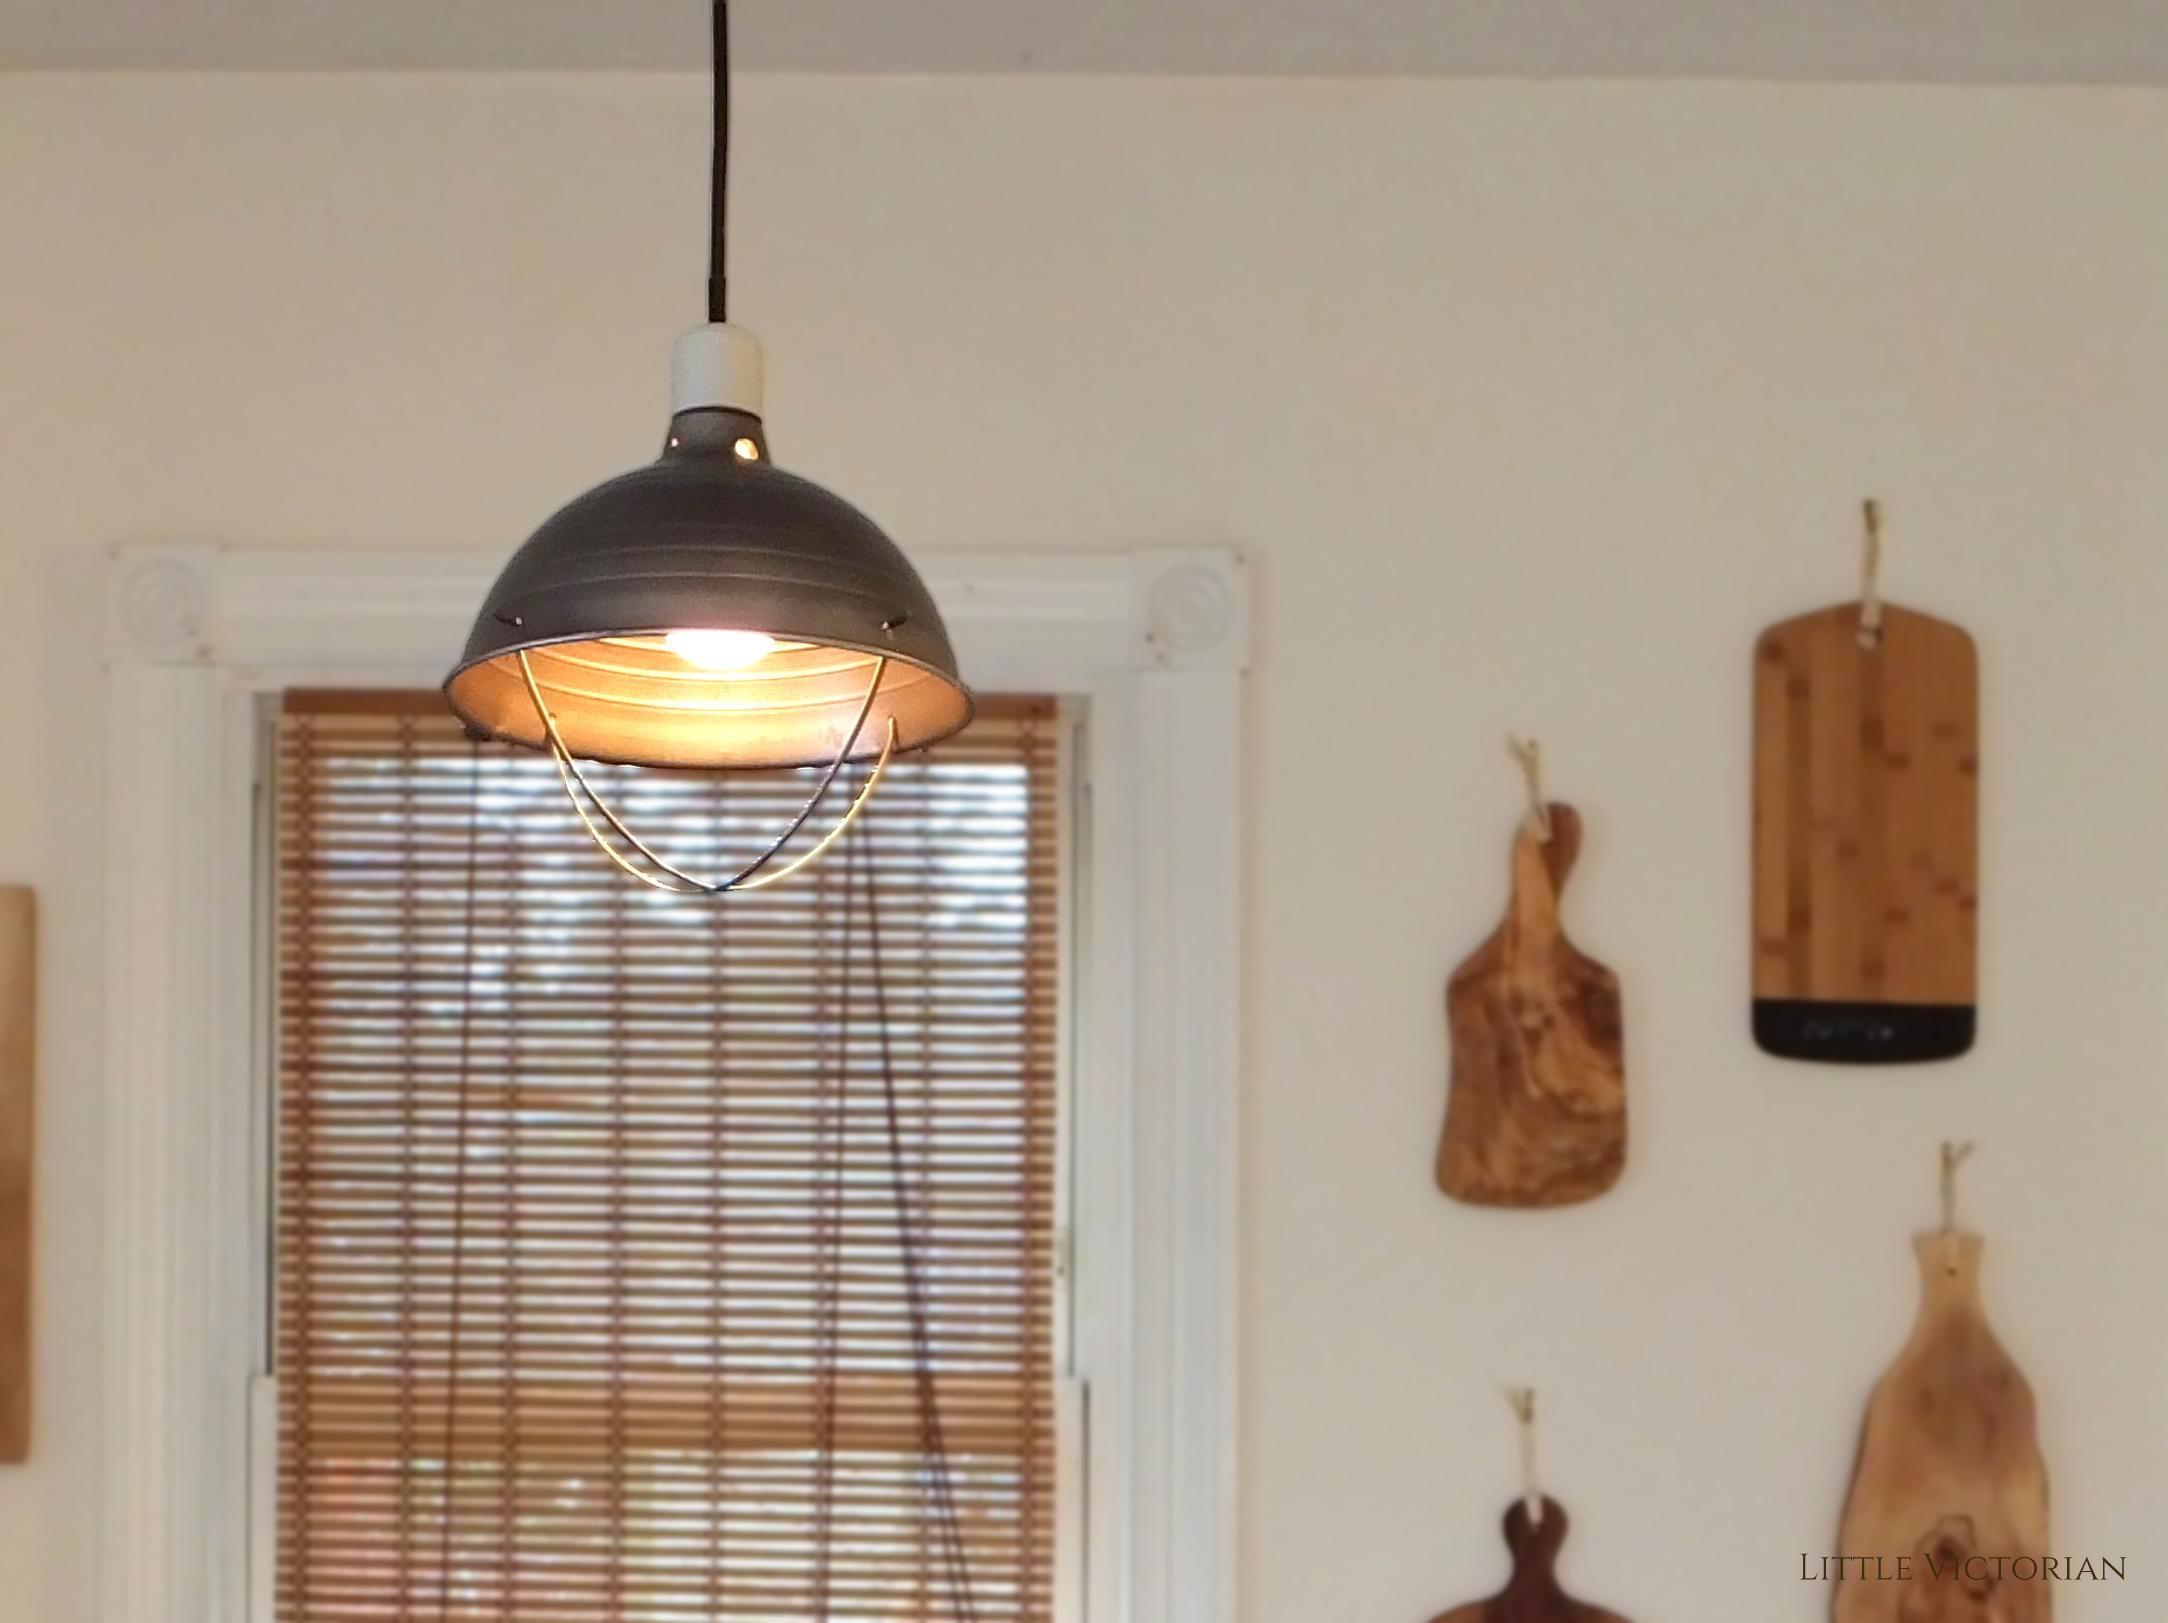 Best Kitchen Light with Fan Taste